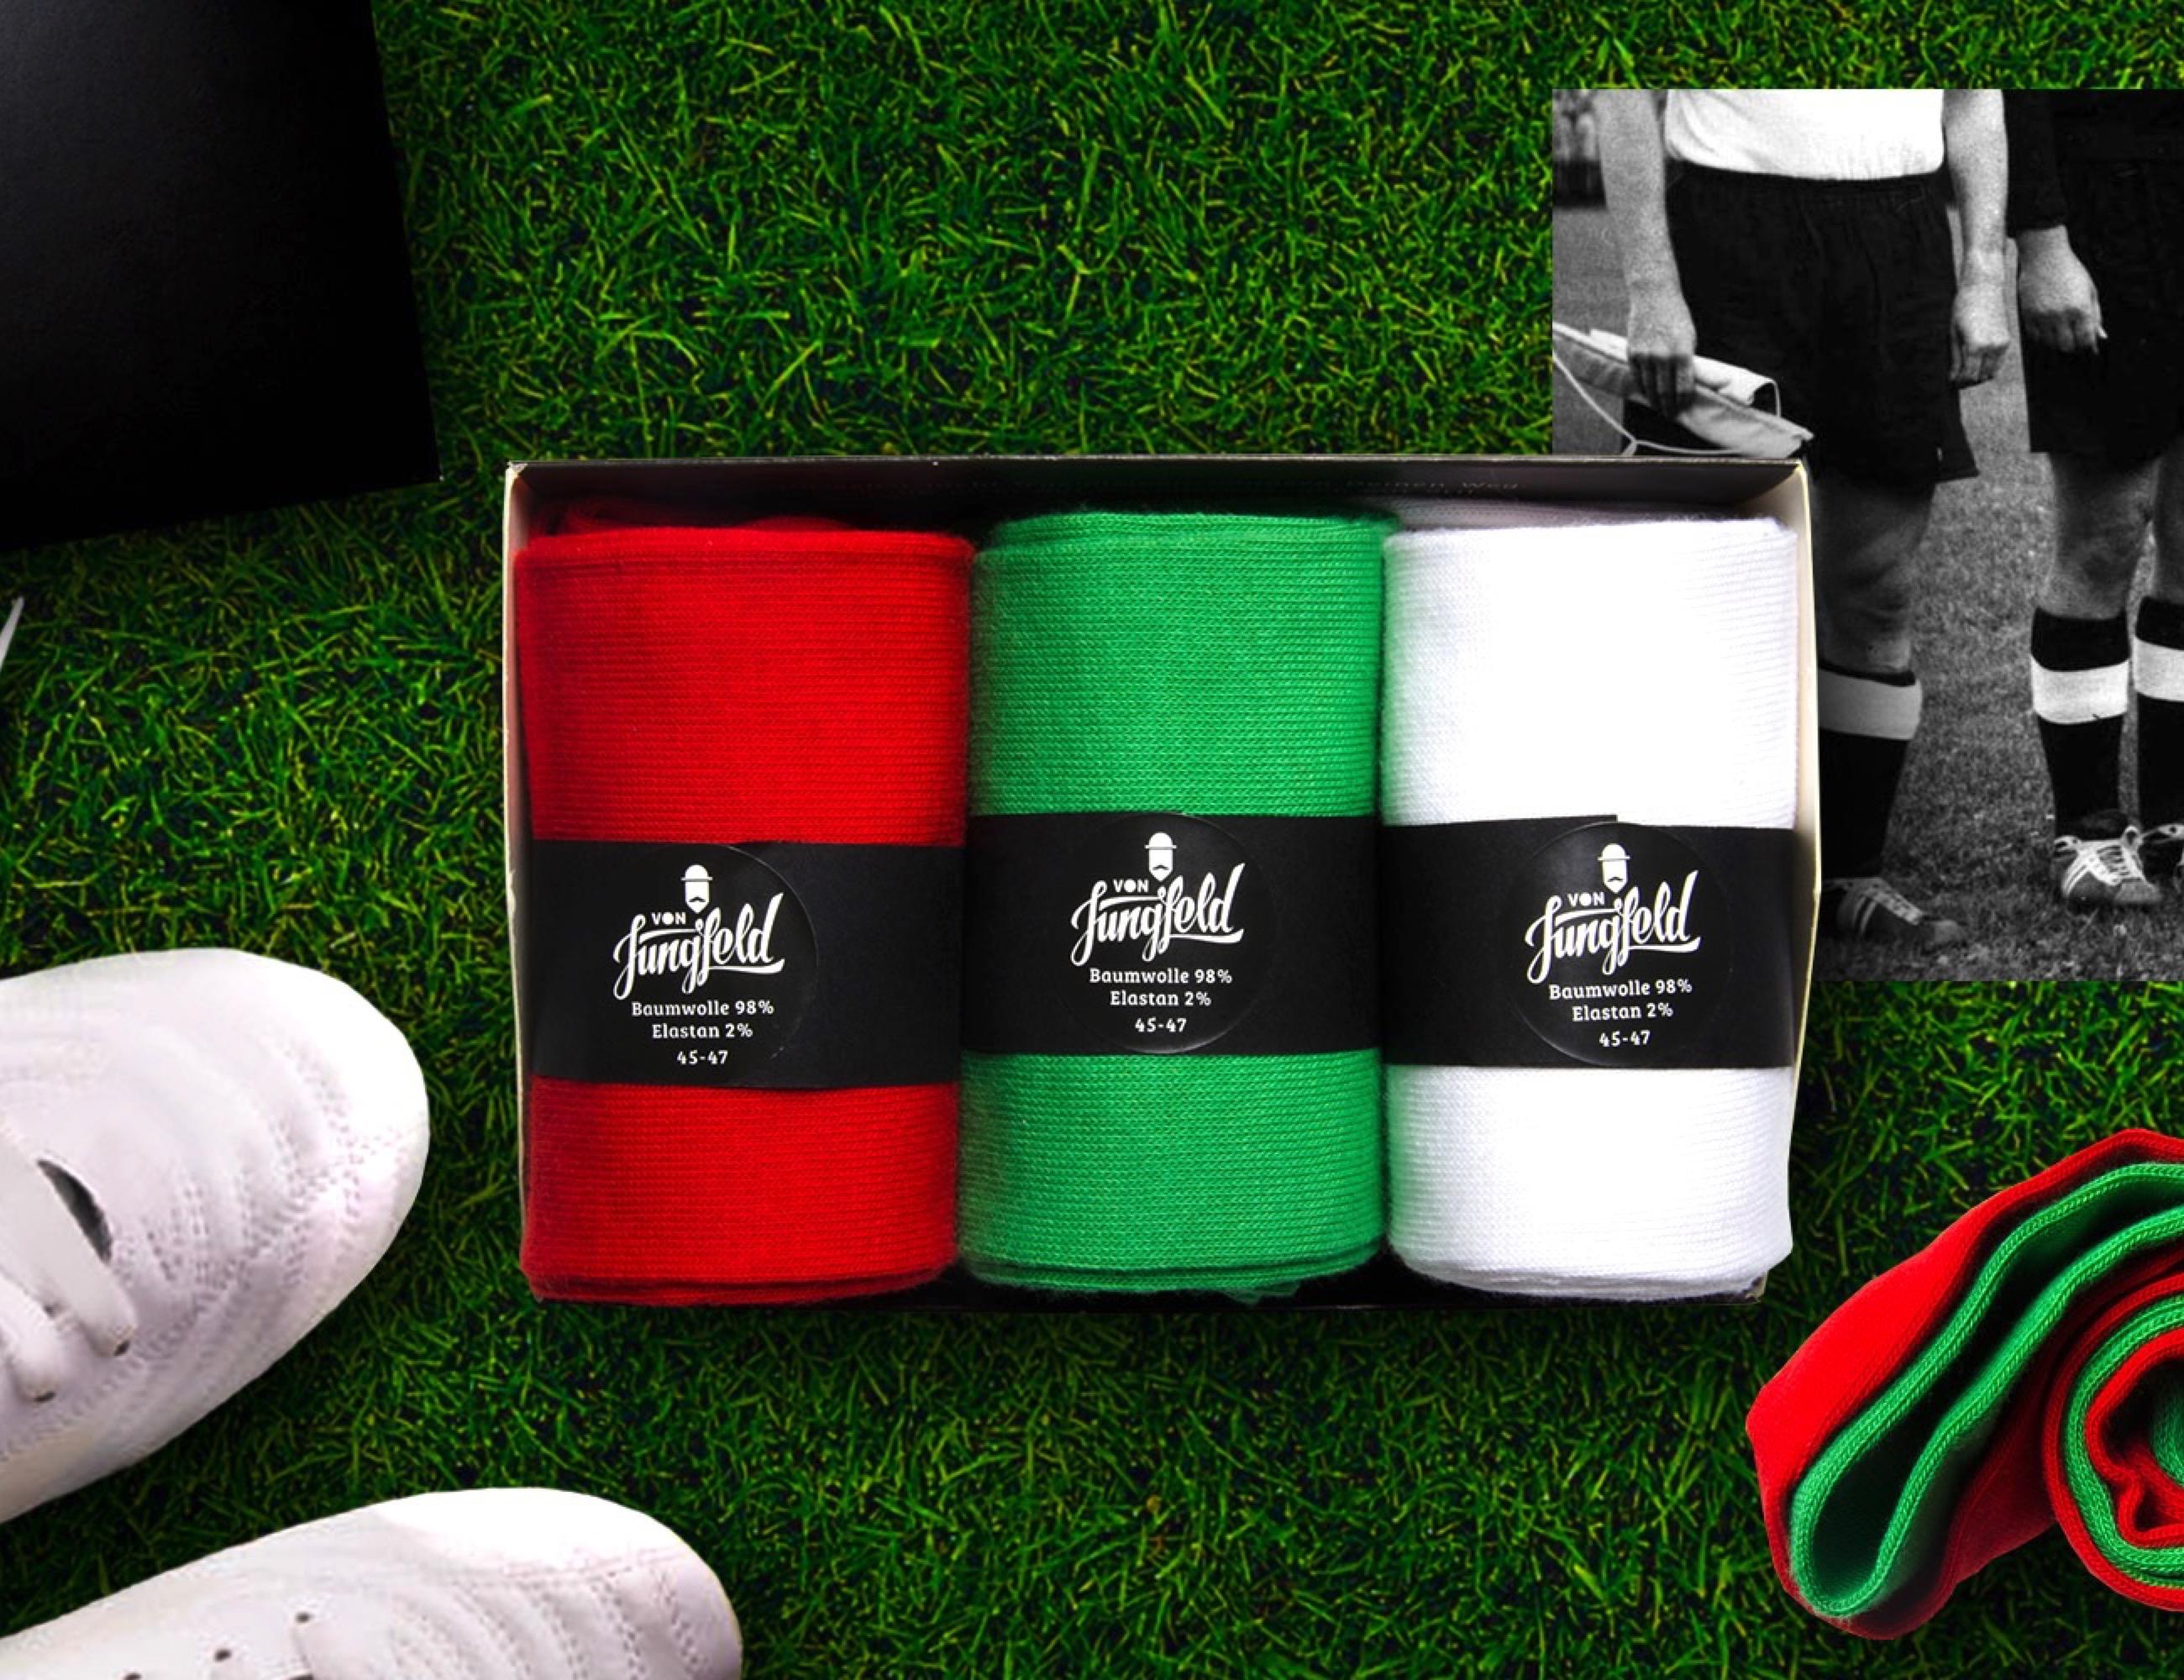 augsburger liebe buli 17 limited von jungfeld bunte und farbige herrensocken und boxershorts. Black Bedroom Furniture Sets. Home Design Ideas